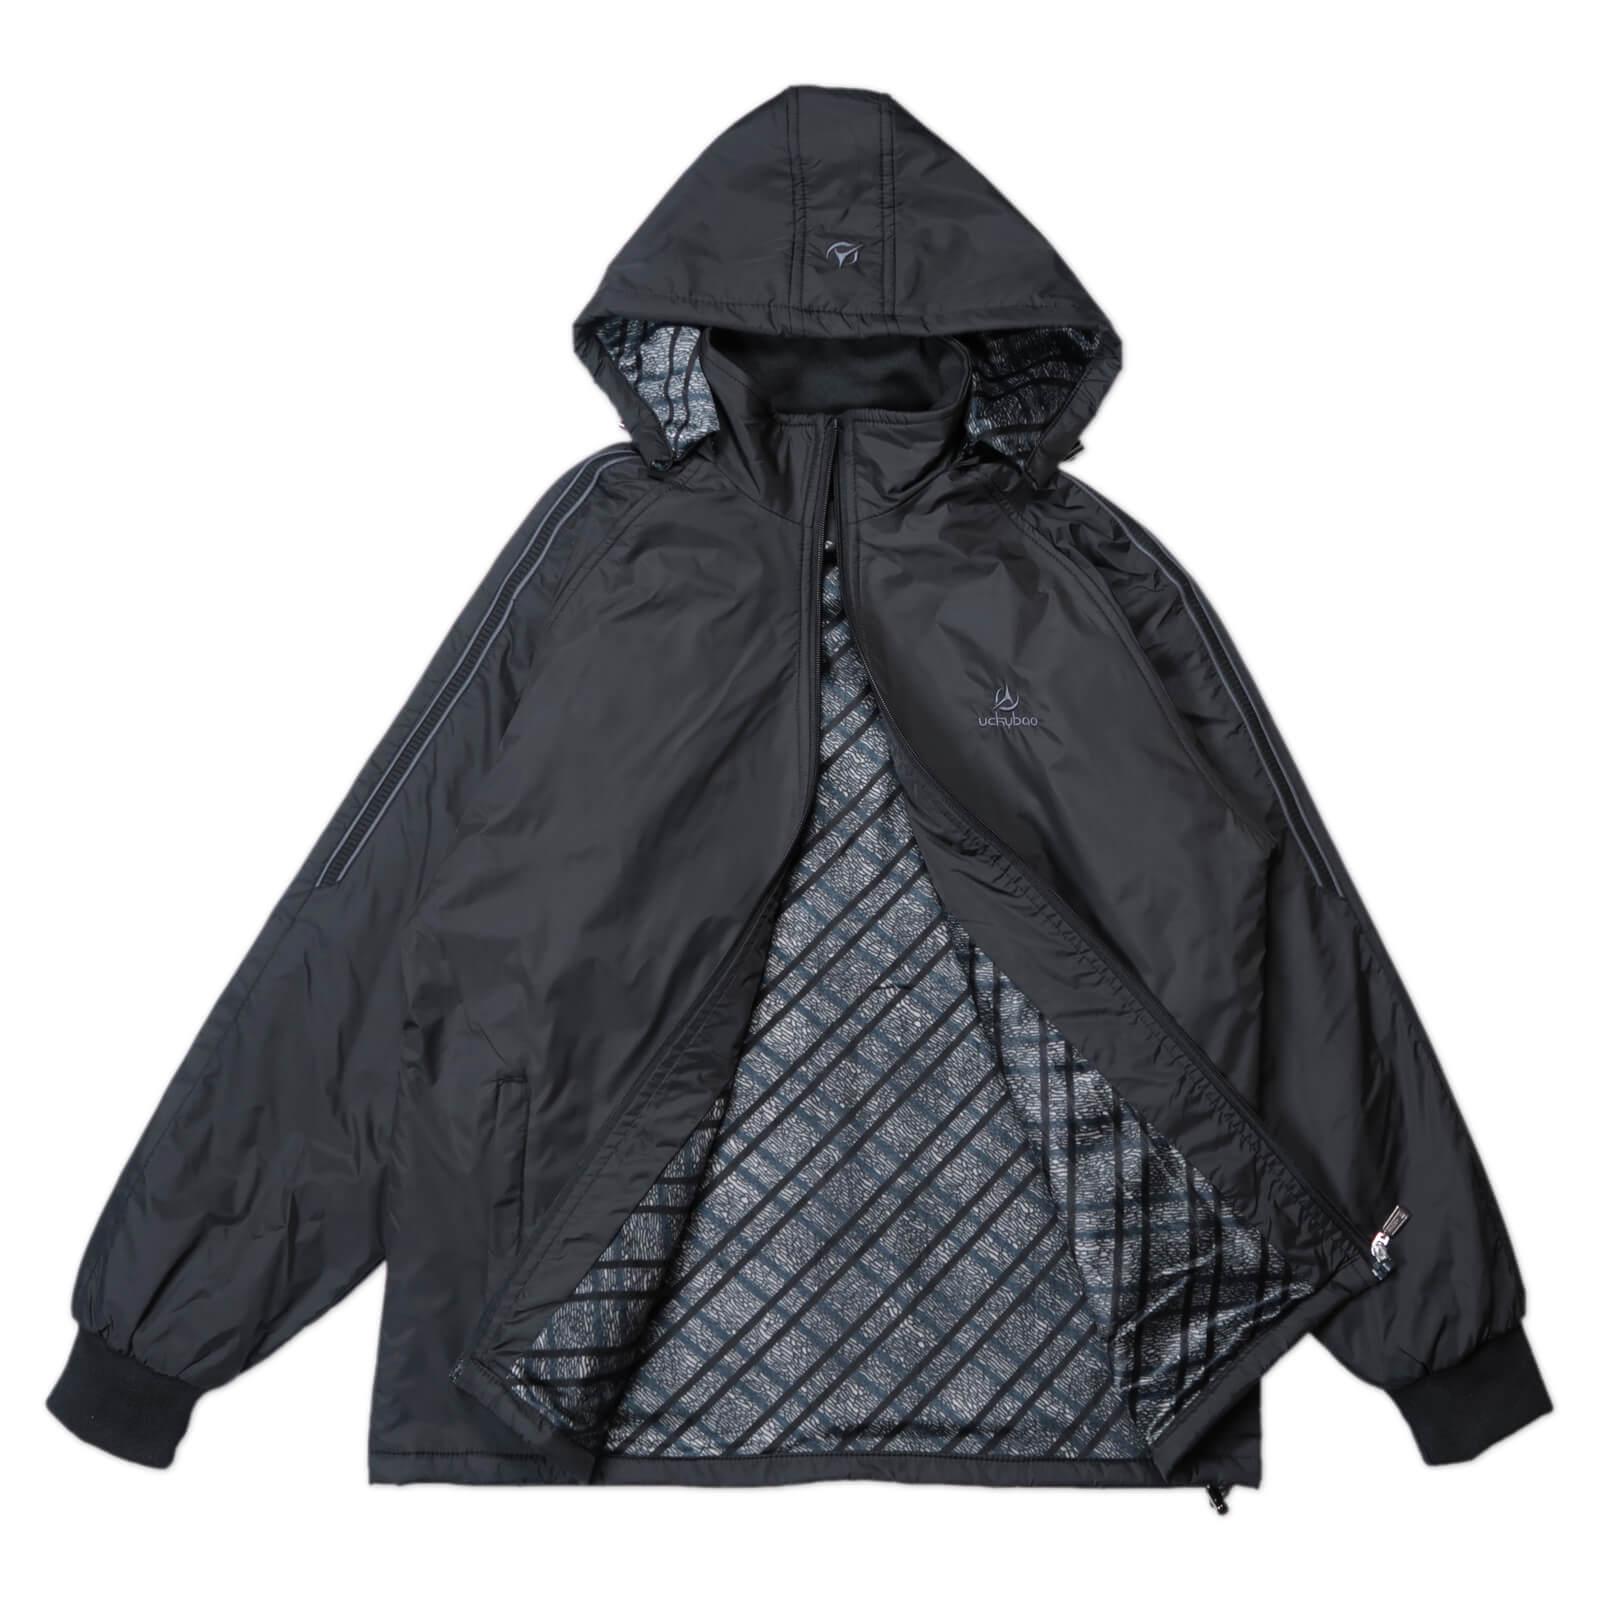 內舖絨布保暖風衣外套 保暖外套 騎士外套 夾克外套 防風外套 黑色外套 FLANNEL LINED WINDBREAKER JACKETS (312-6077-21)黑色 L XL 2L(胸圍46~51英吋) [實體店面保障] sun-e 9